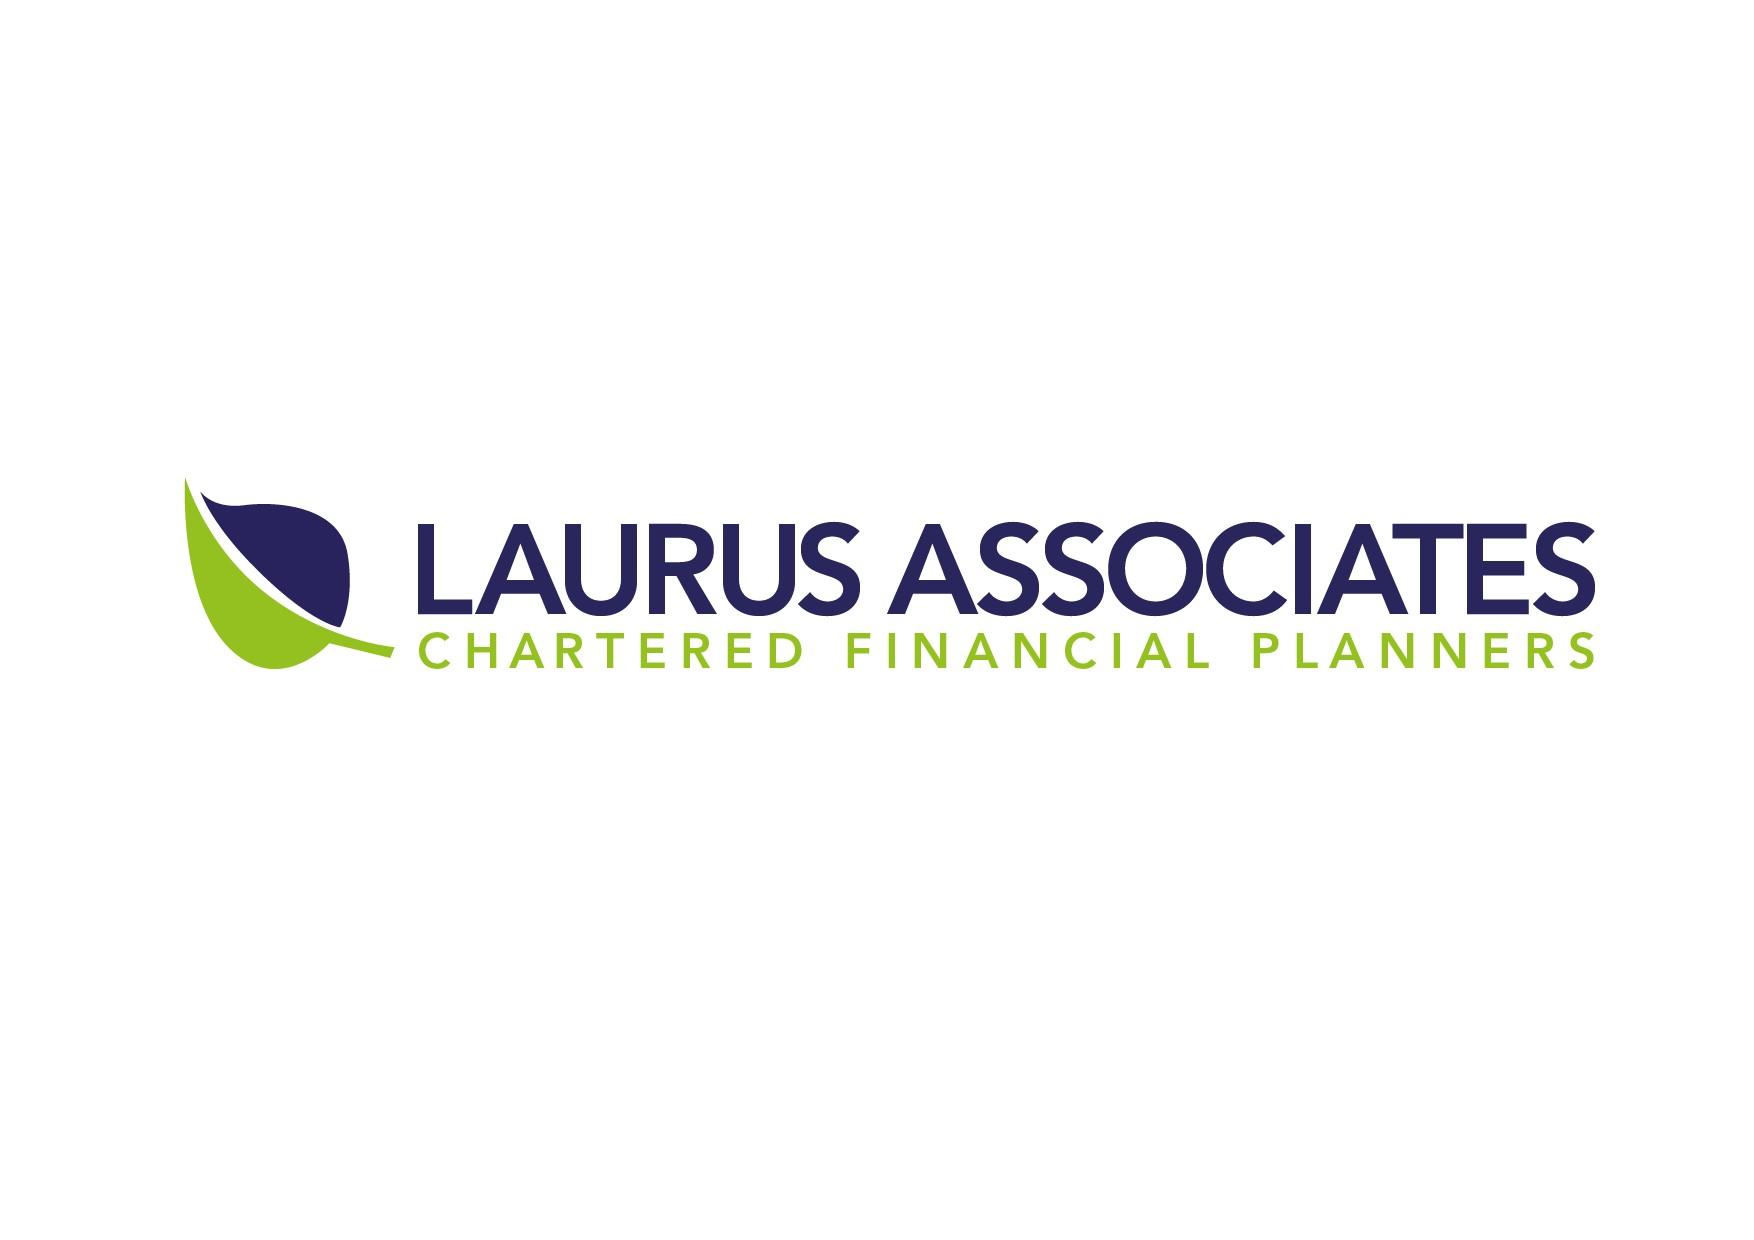 Laurus Associates